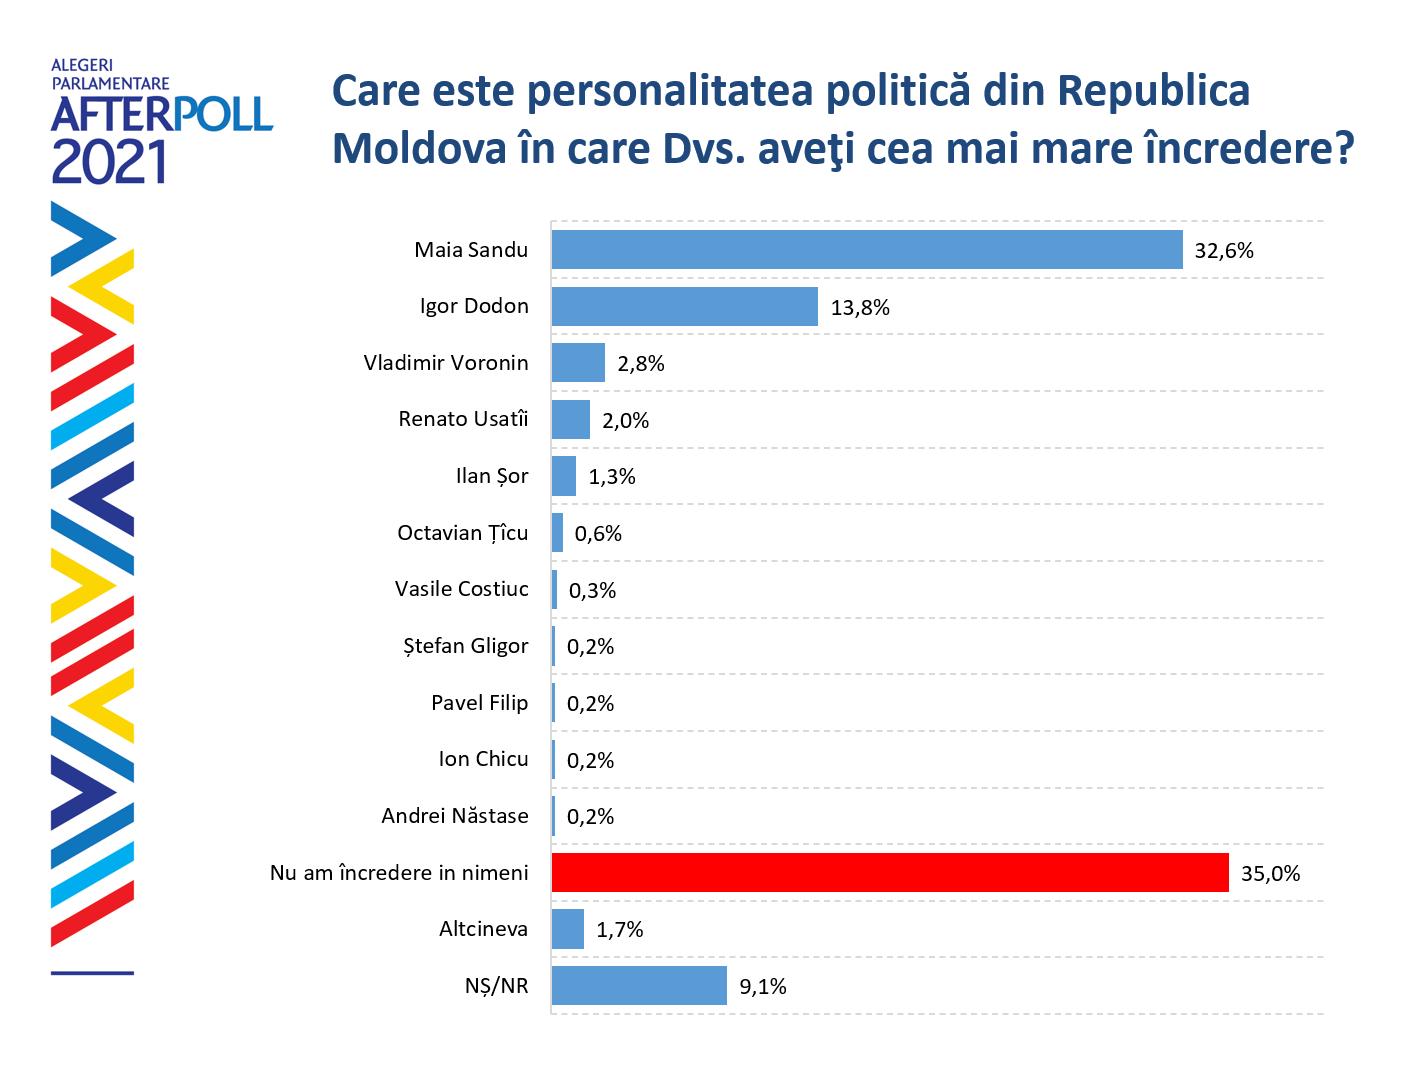 Sondaj WatchDog// Maia Sandu și Igor Dodon sunt politicienii în care moldovenii au cea mai mare încredere